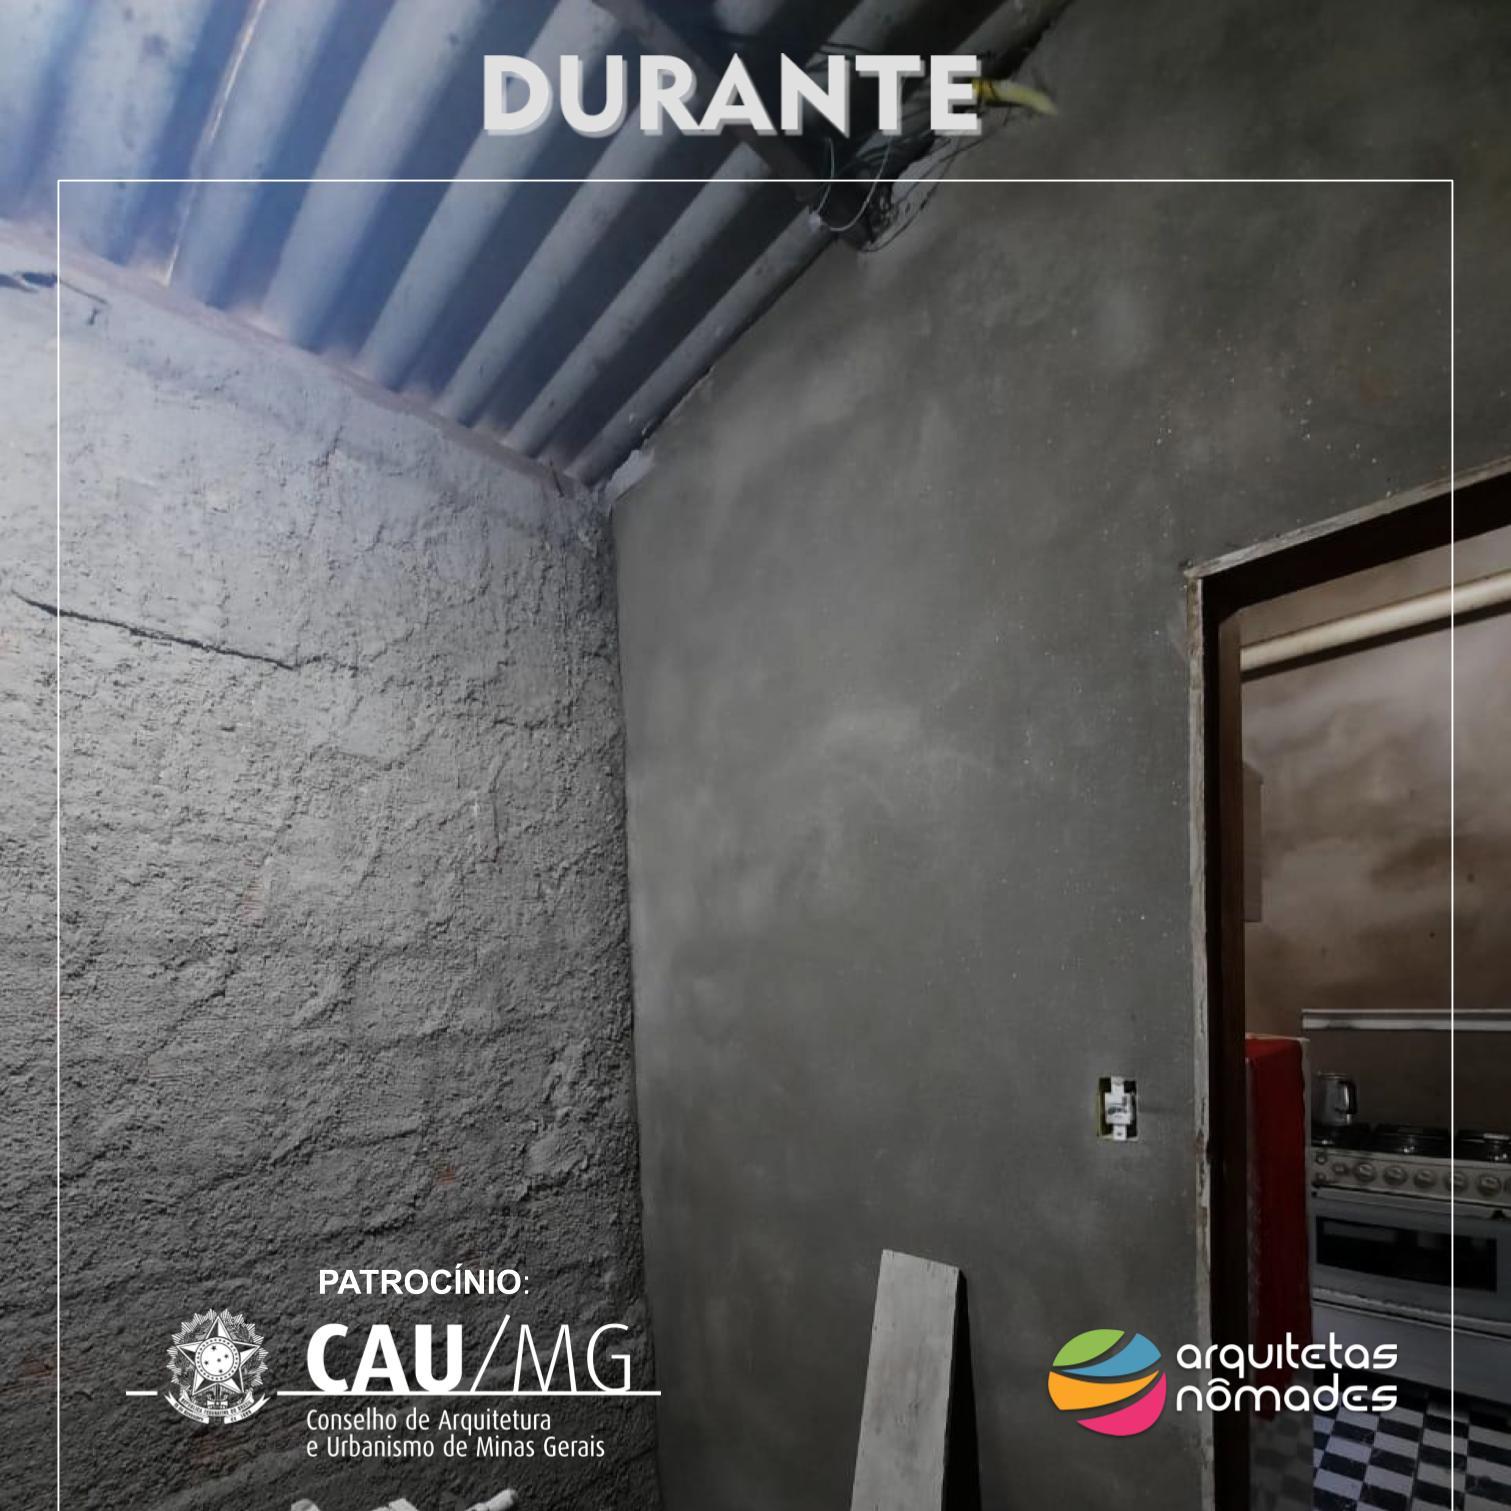 DURANTE2 – jecman